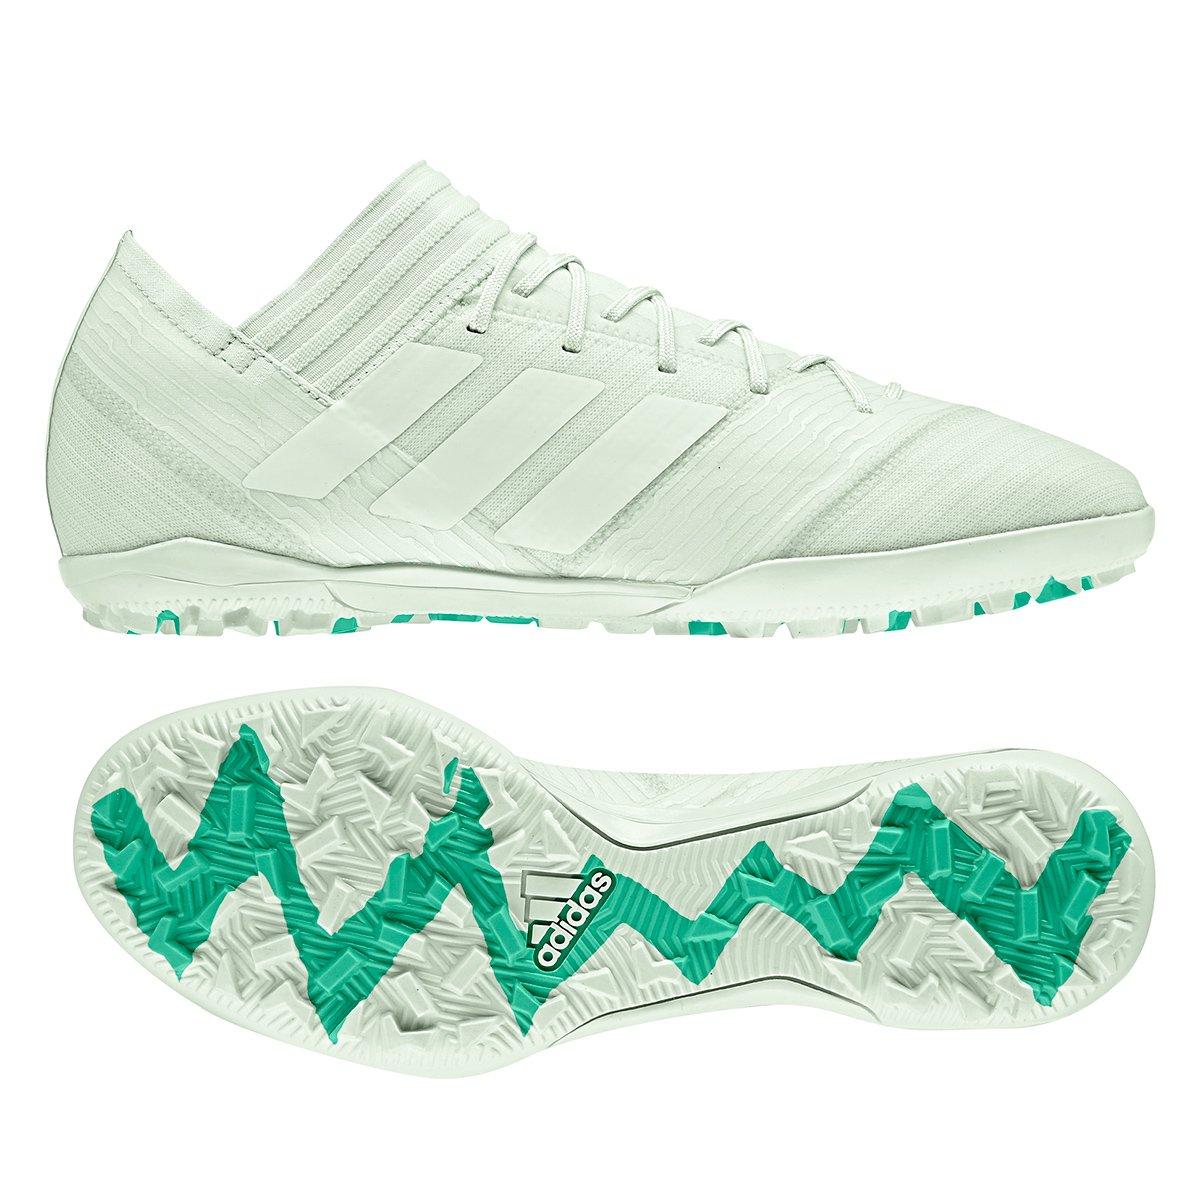 325e2f7ec5 Chuteira Society Adidas Nemeziz 17.3 TF - Compre Agora